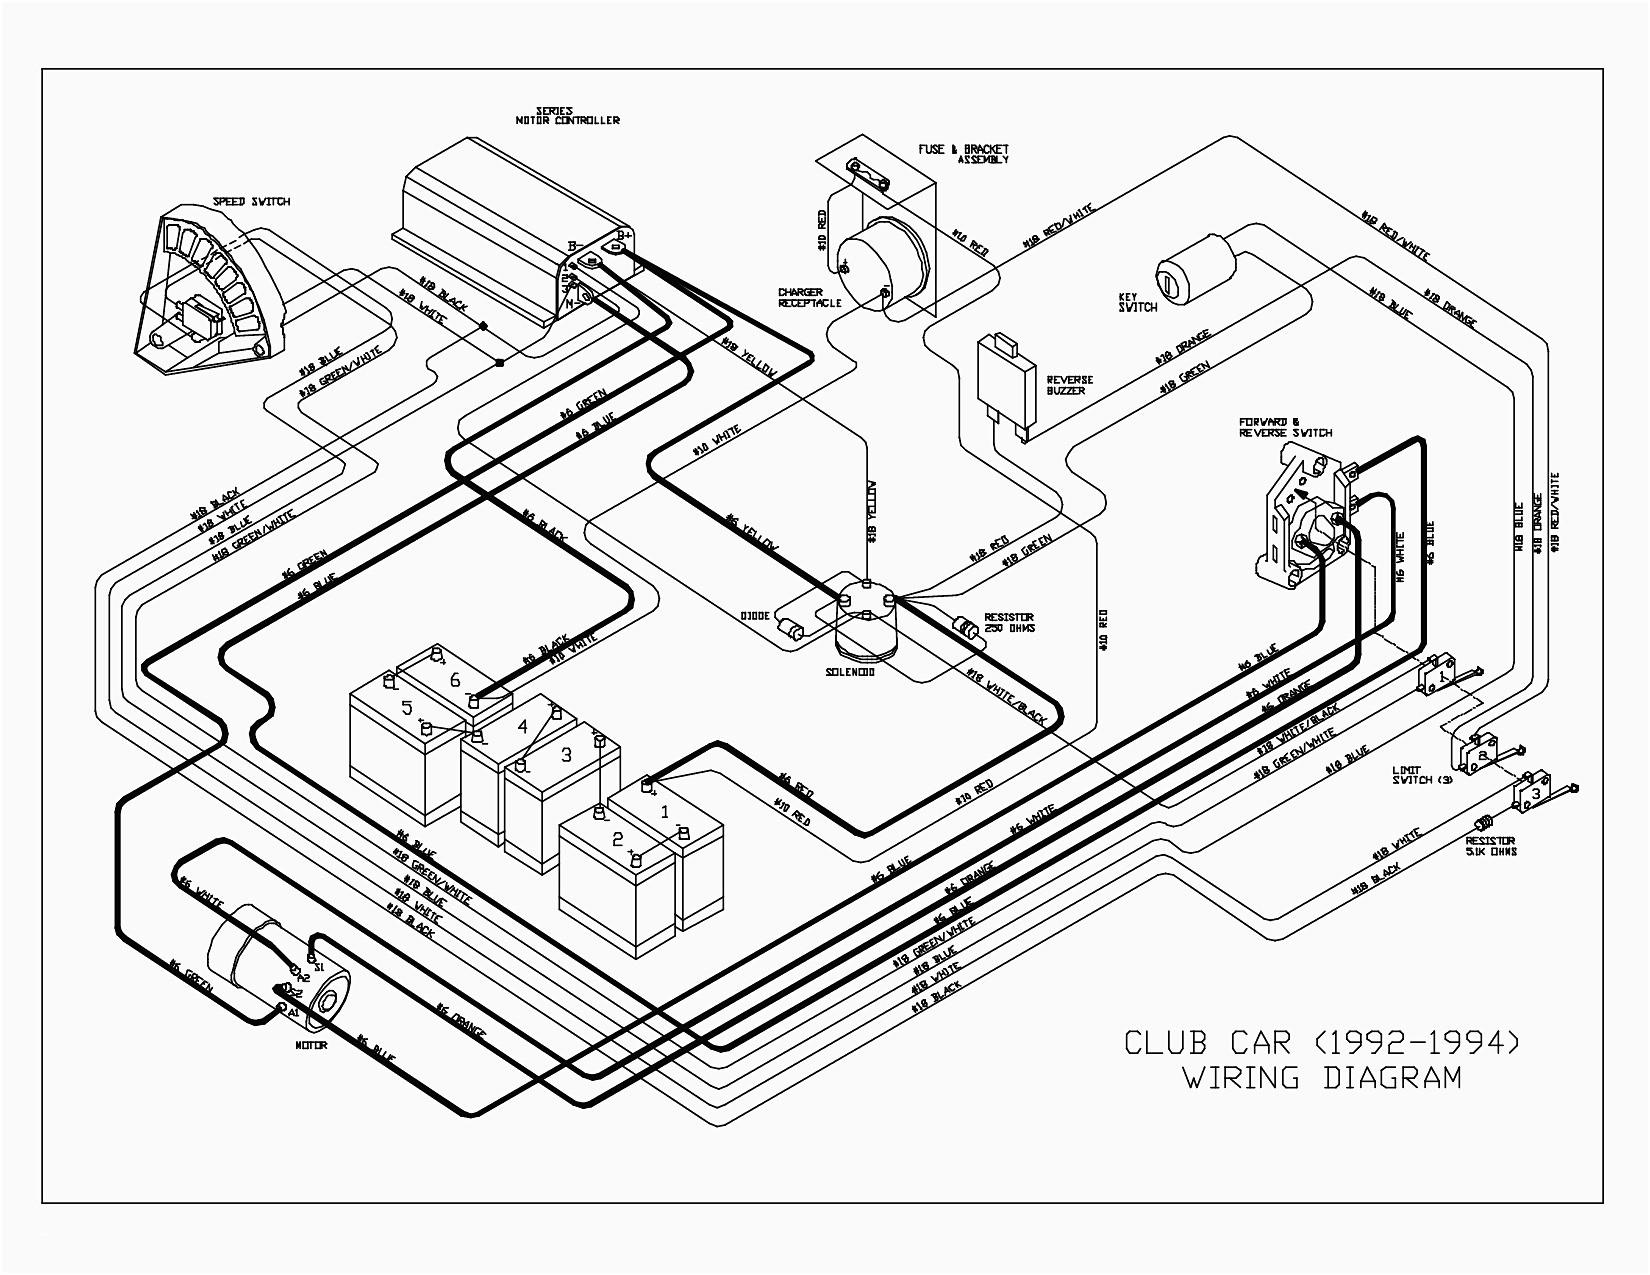 hight resolution of 36 volt club car golf cart wiring diagram wiring diagram for club car precedent new